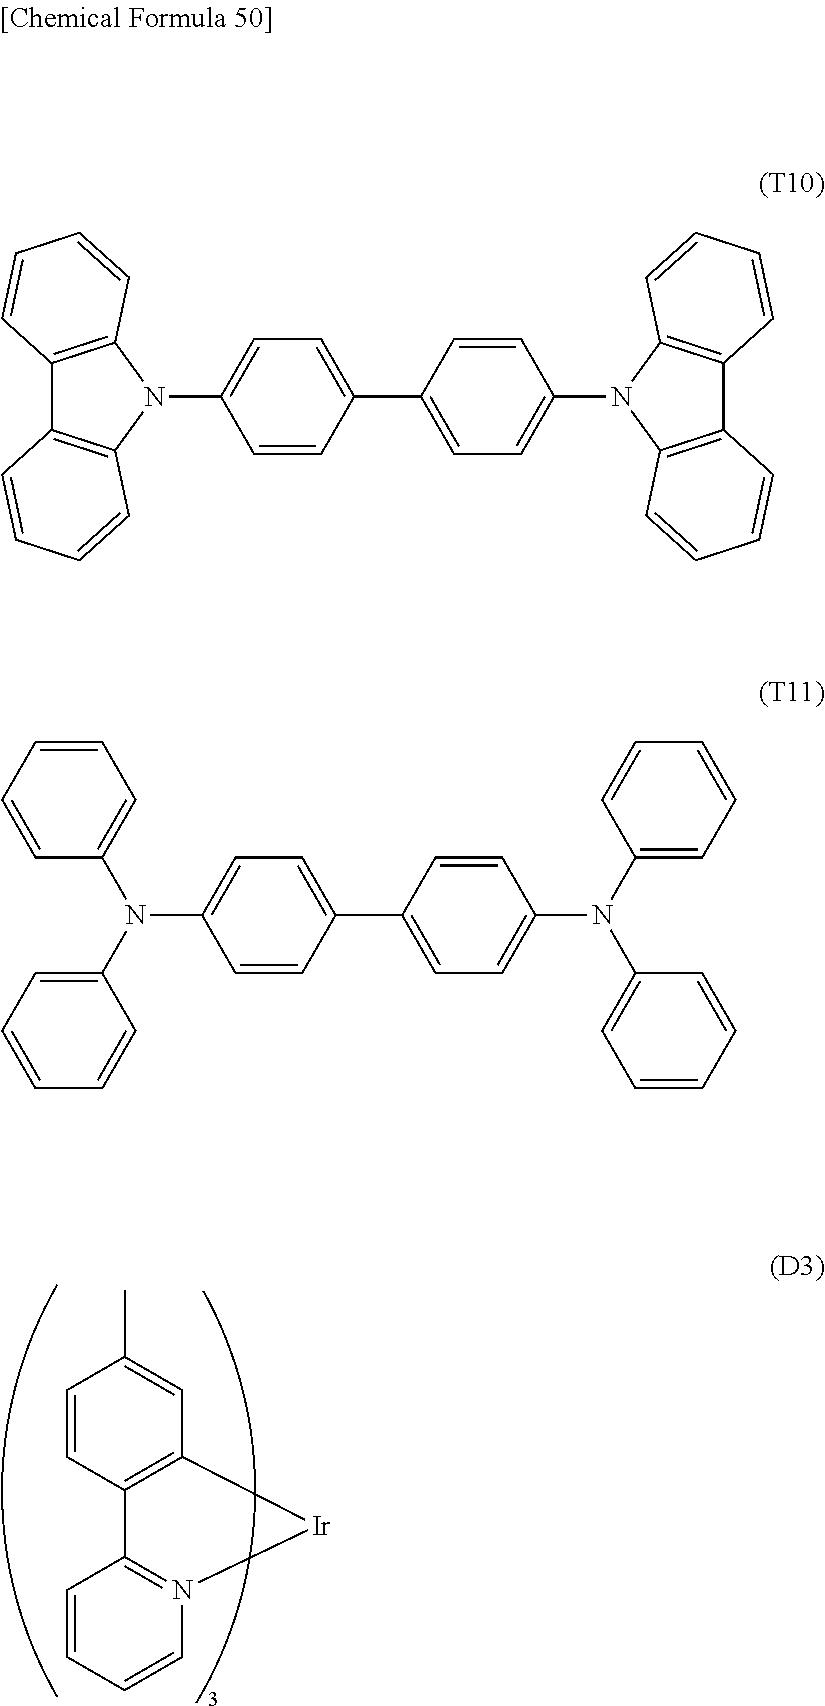 Figure US20110215312A1-20110908-C00091